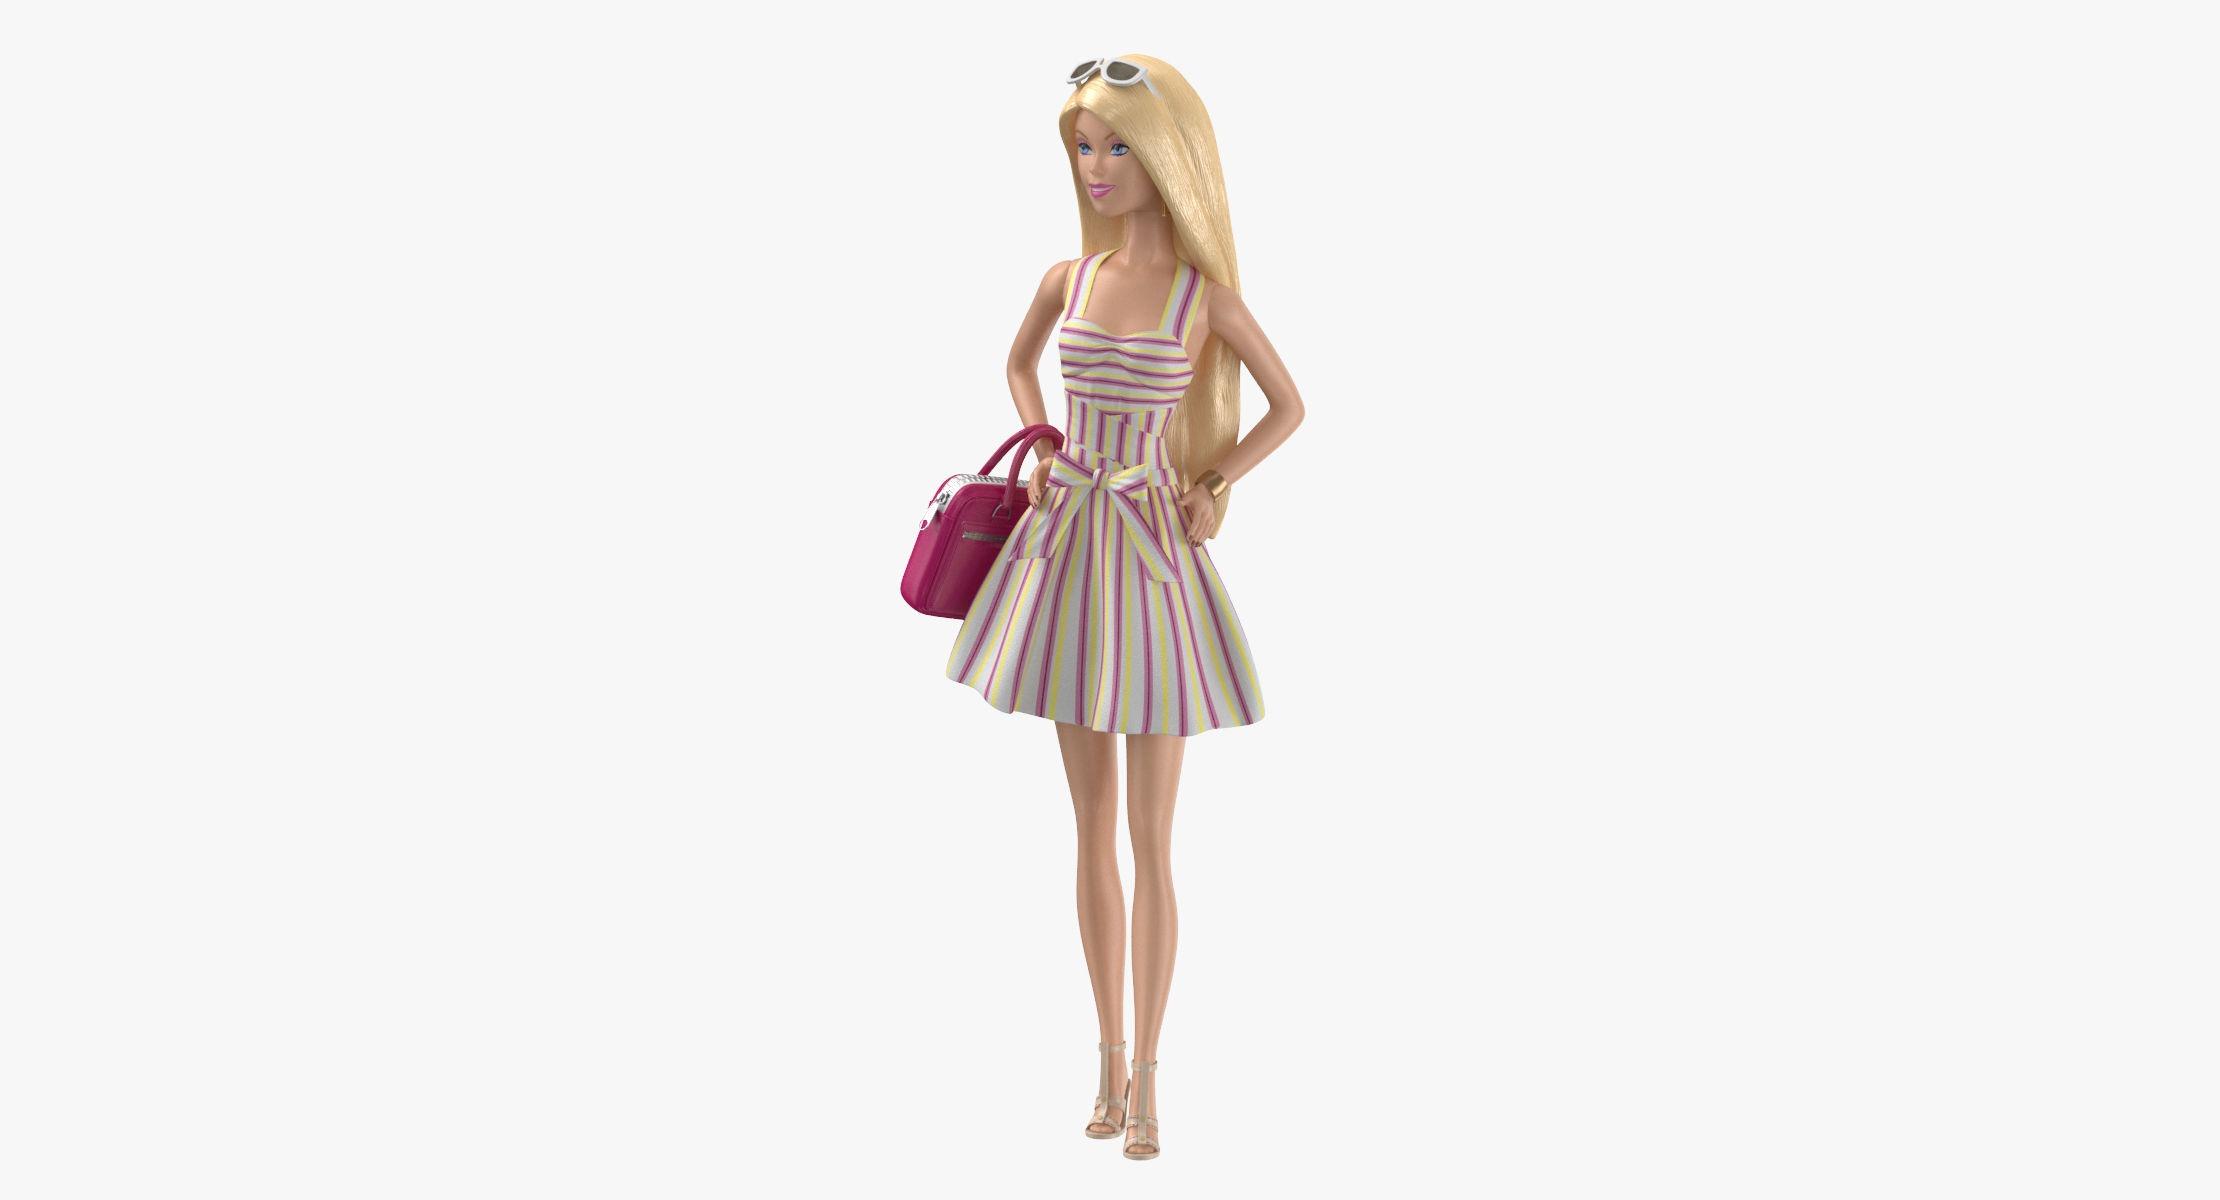 Barbie Doll 02 - reel 1